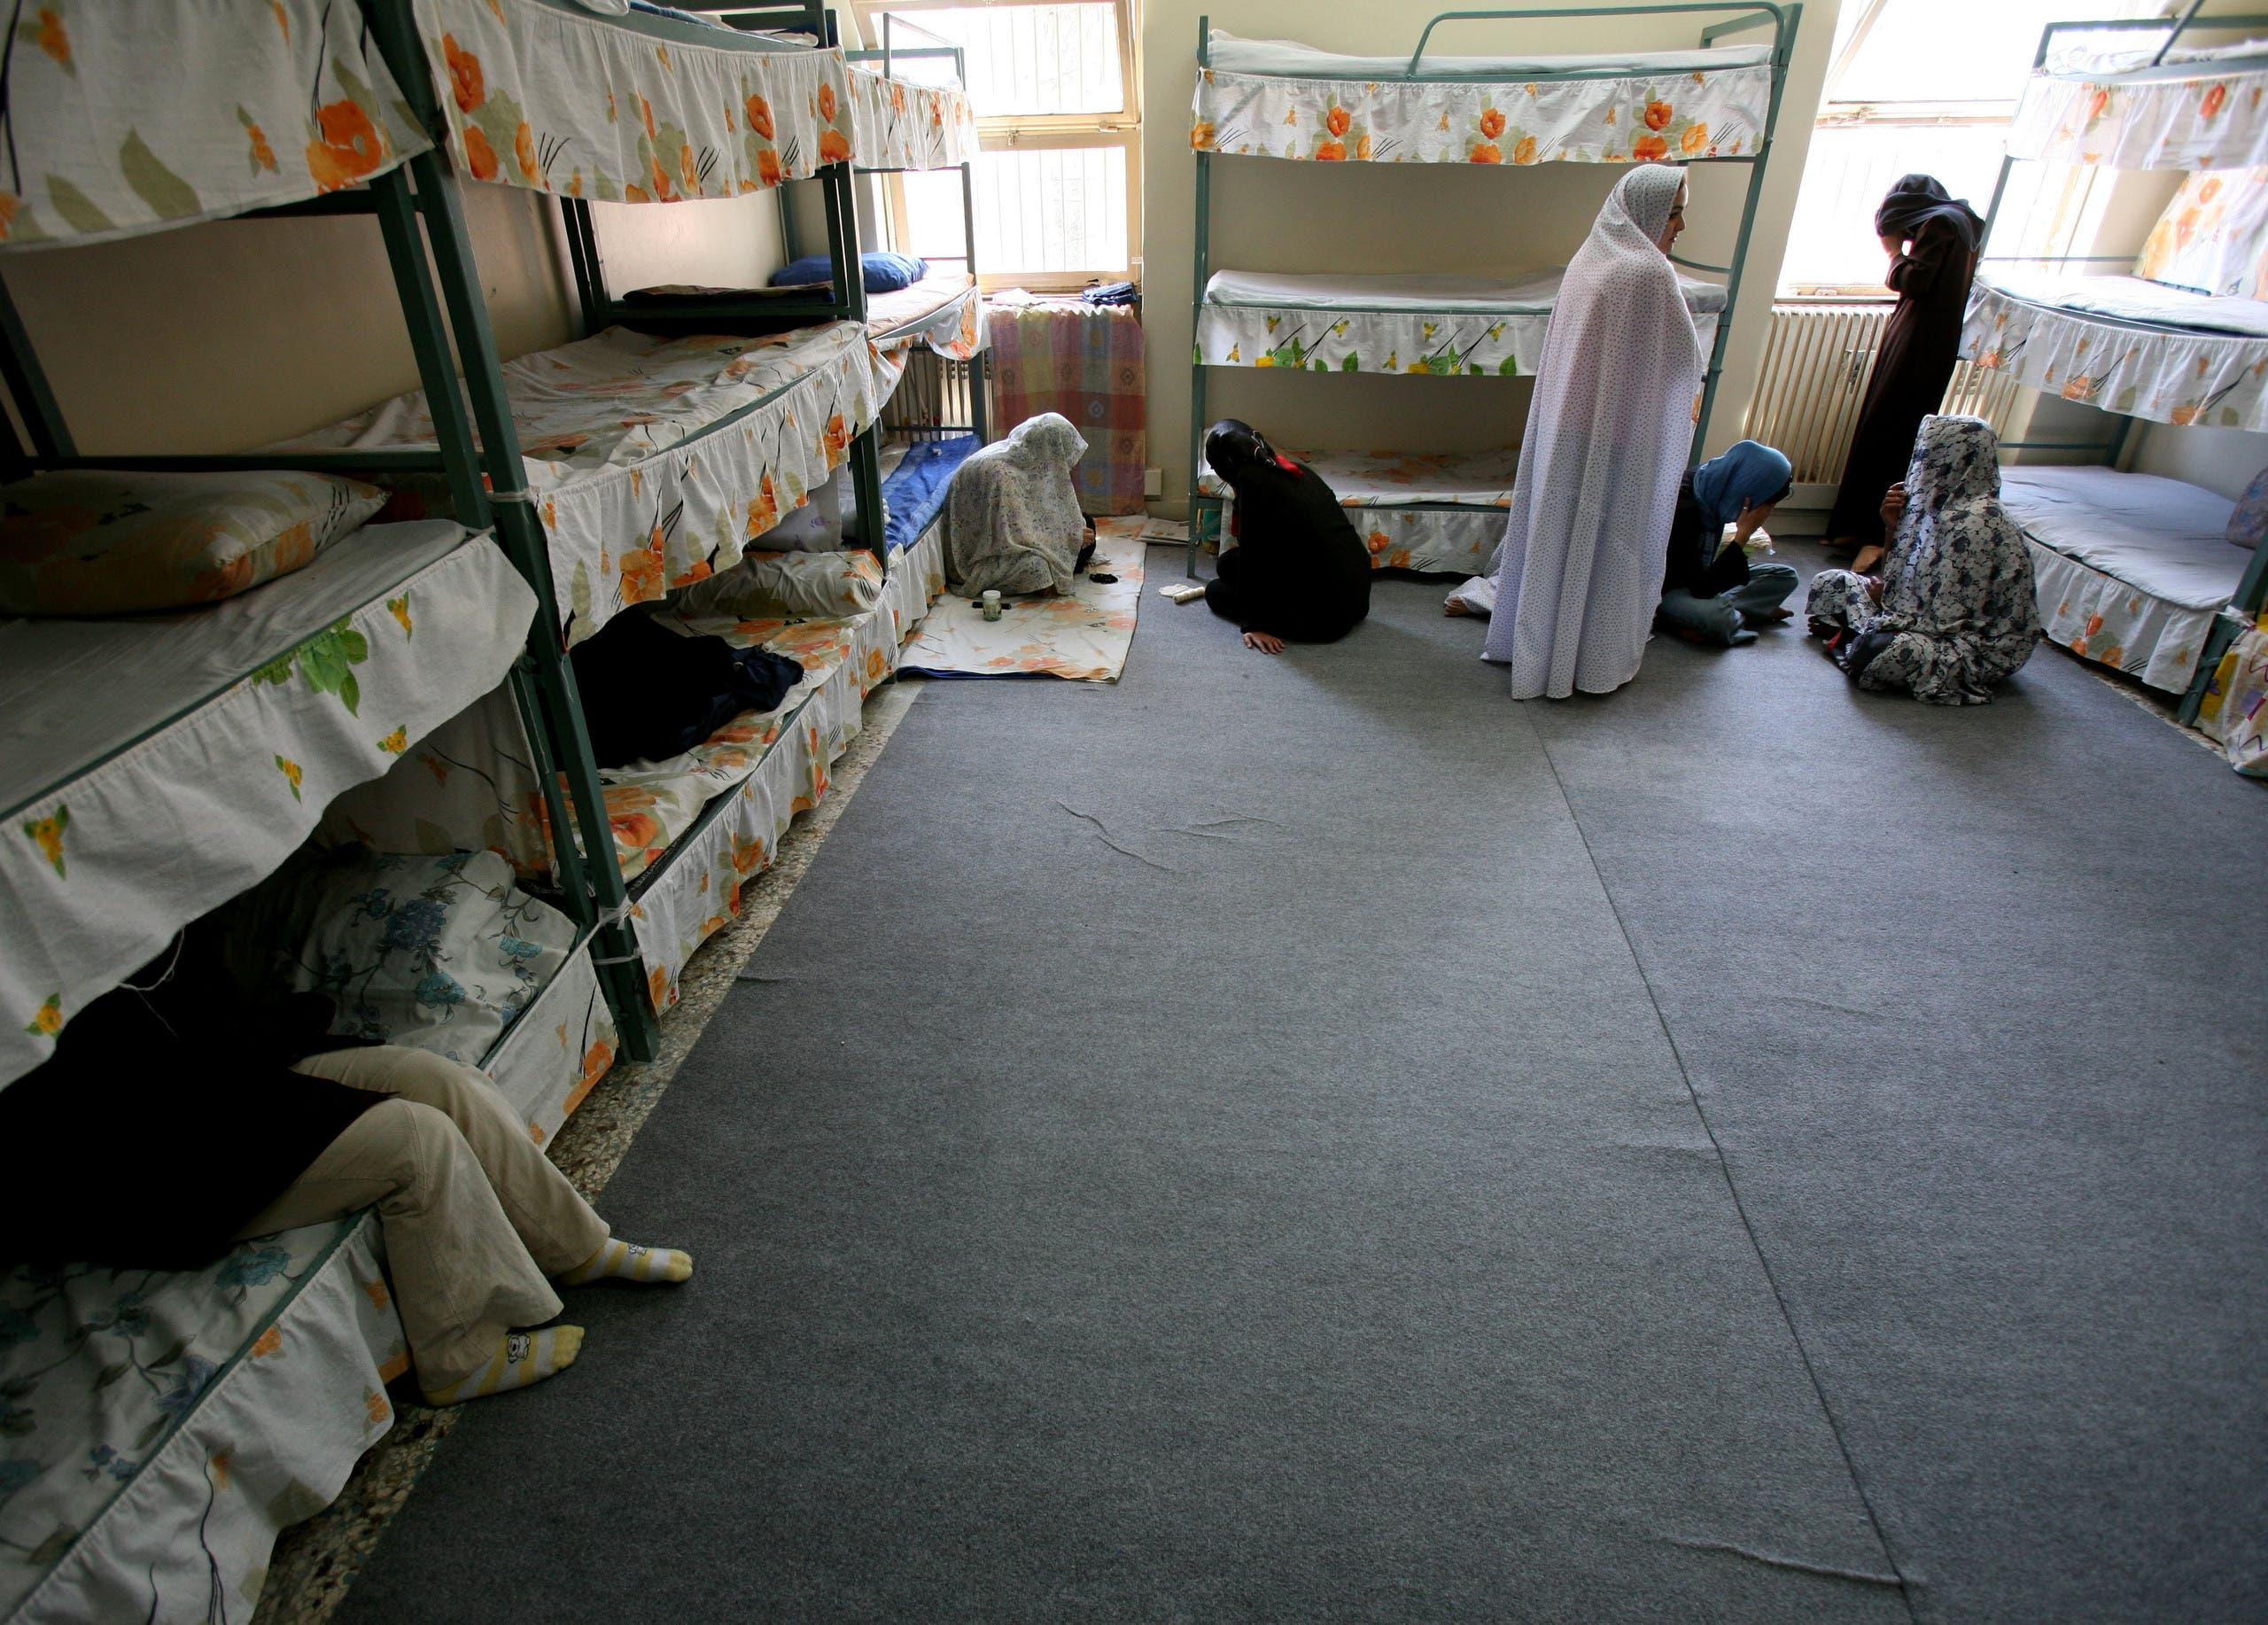 Iranian women prisoners sit inside a cell in Tehran's Evin prison. (Reuters)